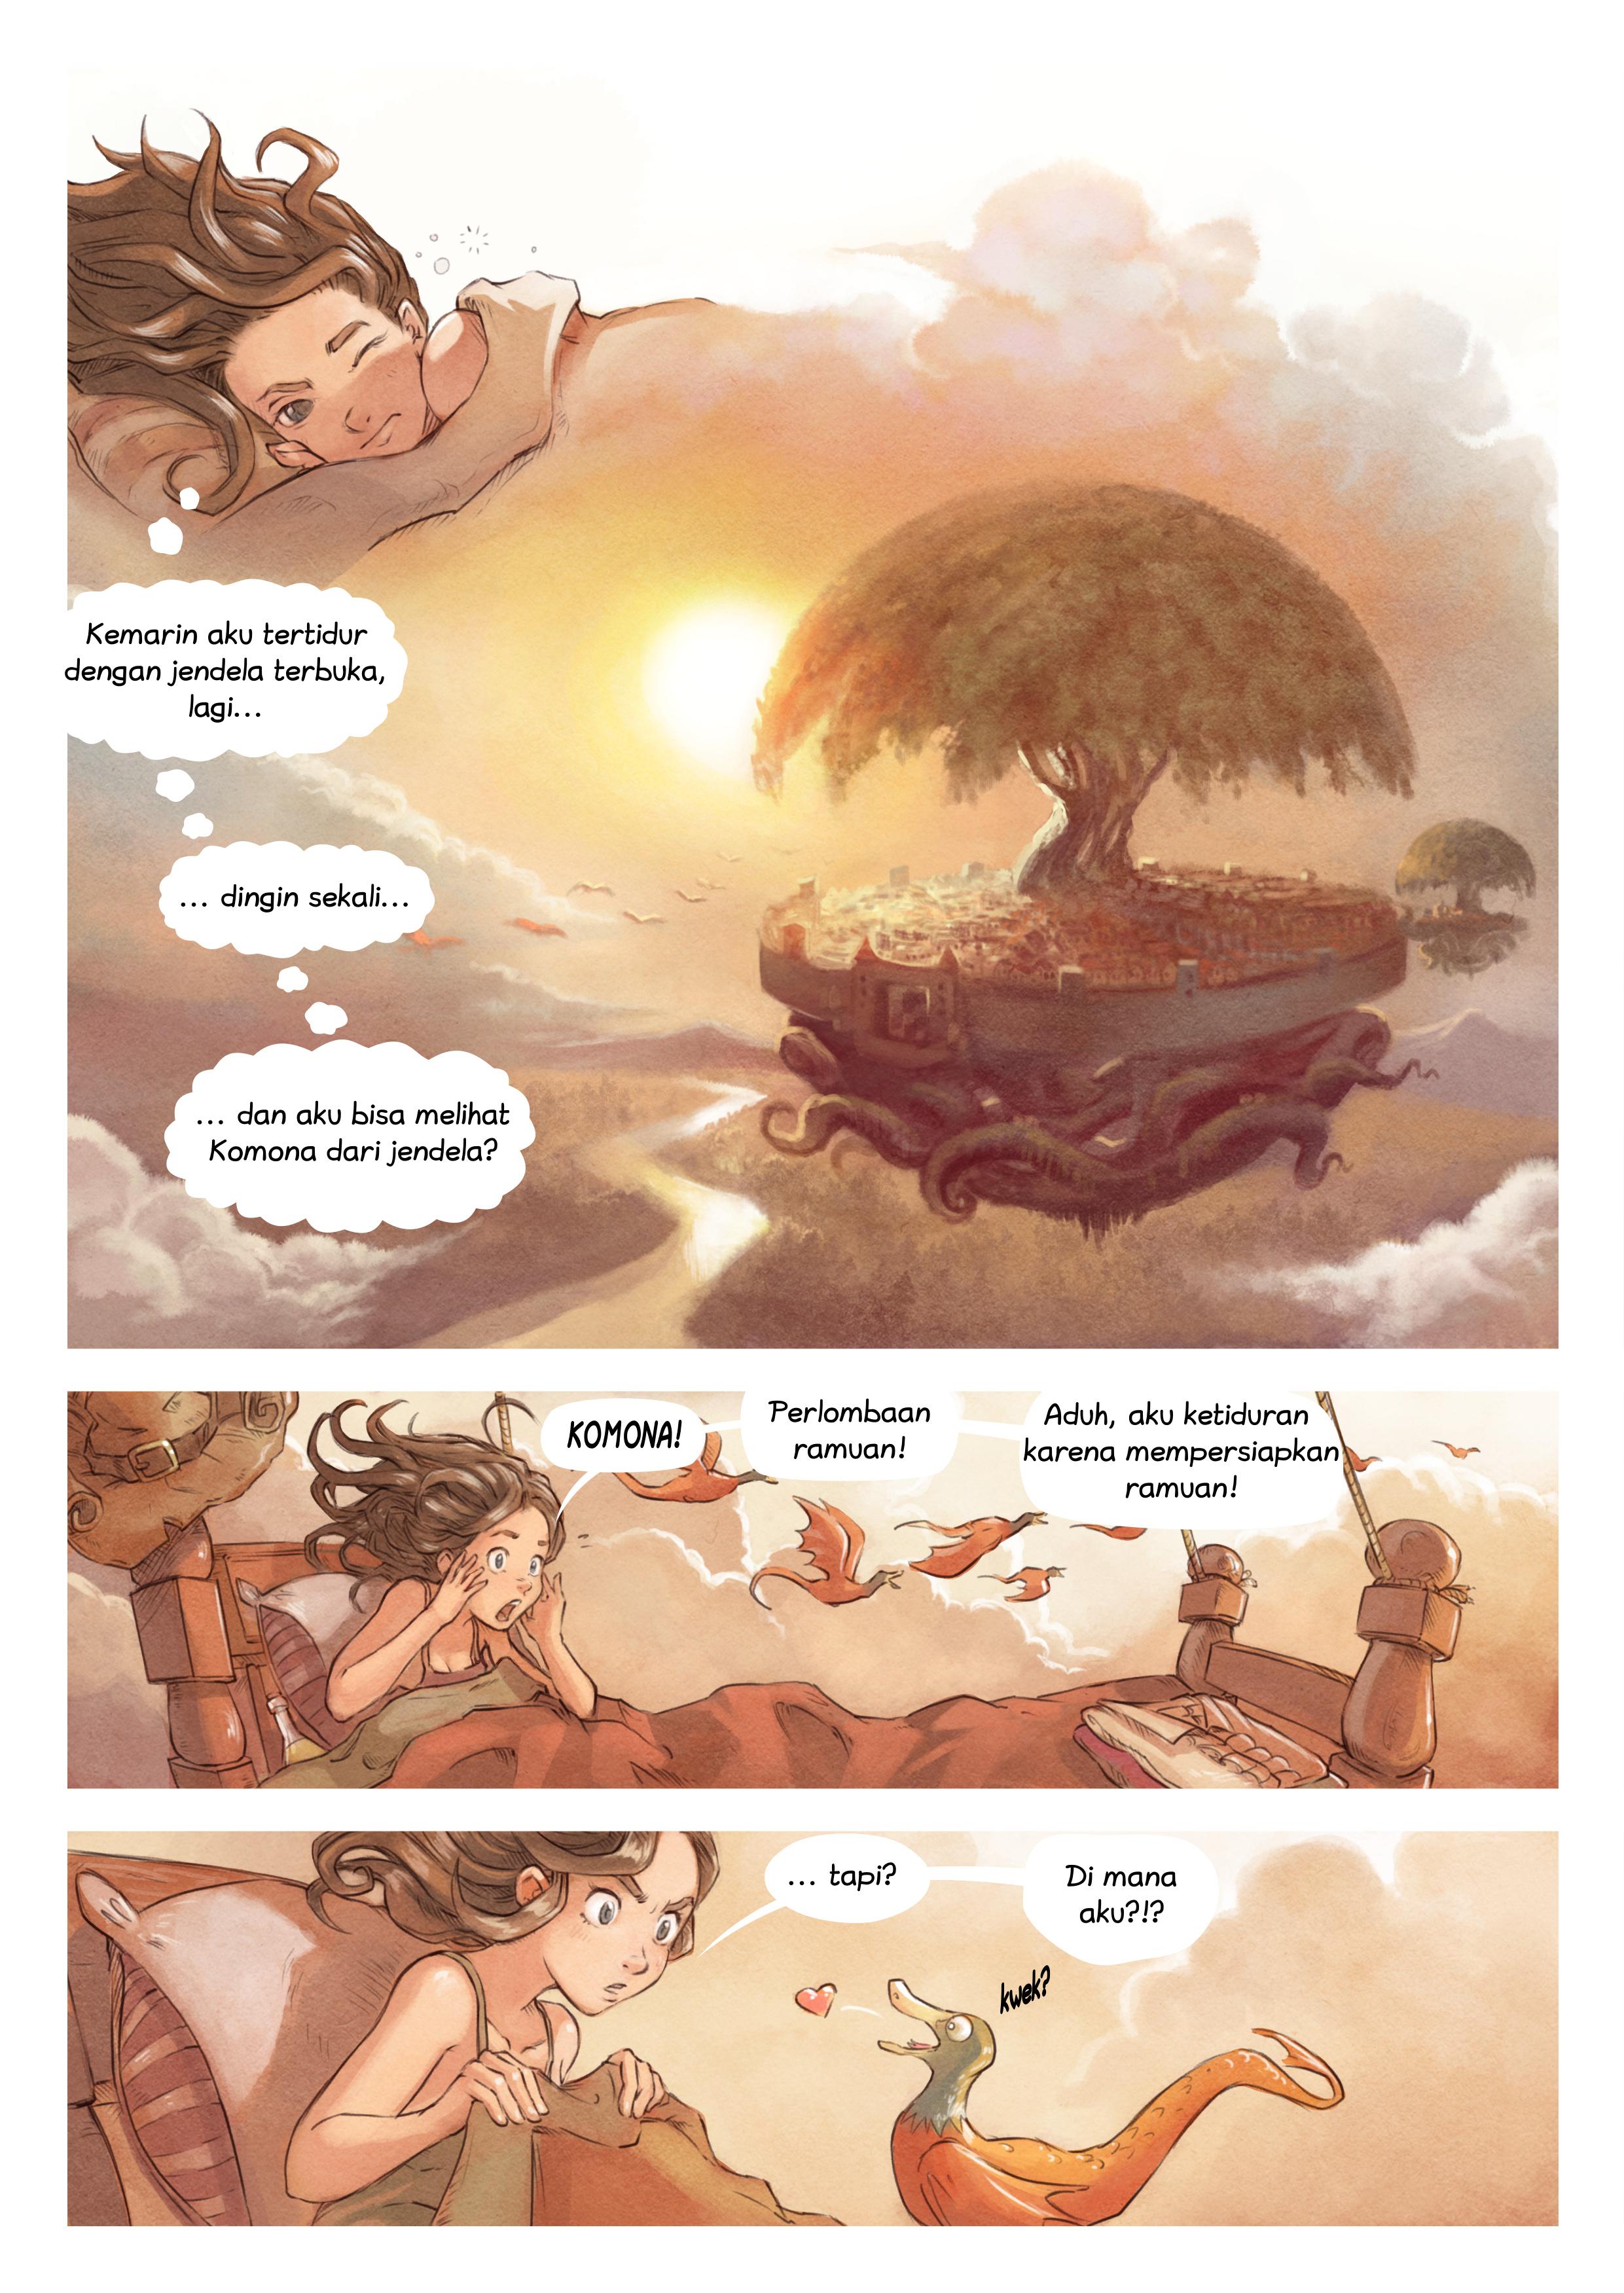 Episode 6: Perlombaan ramuan, Page 1